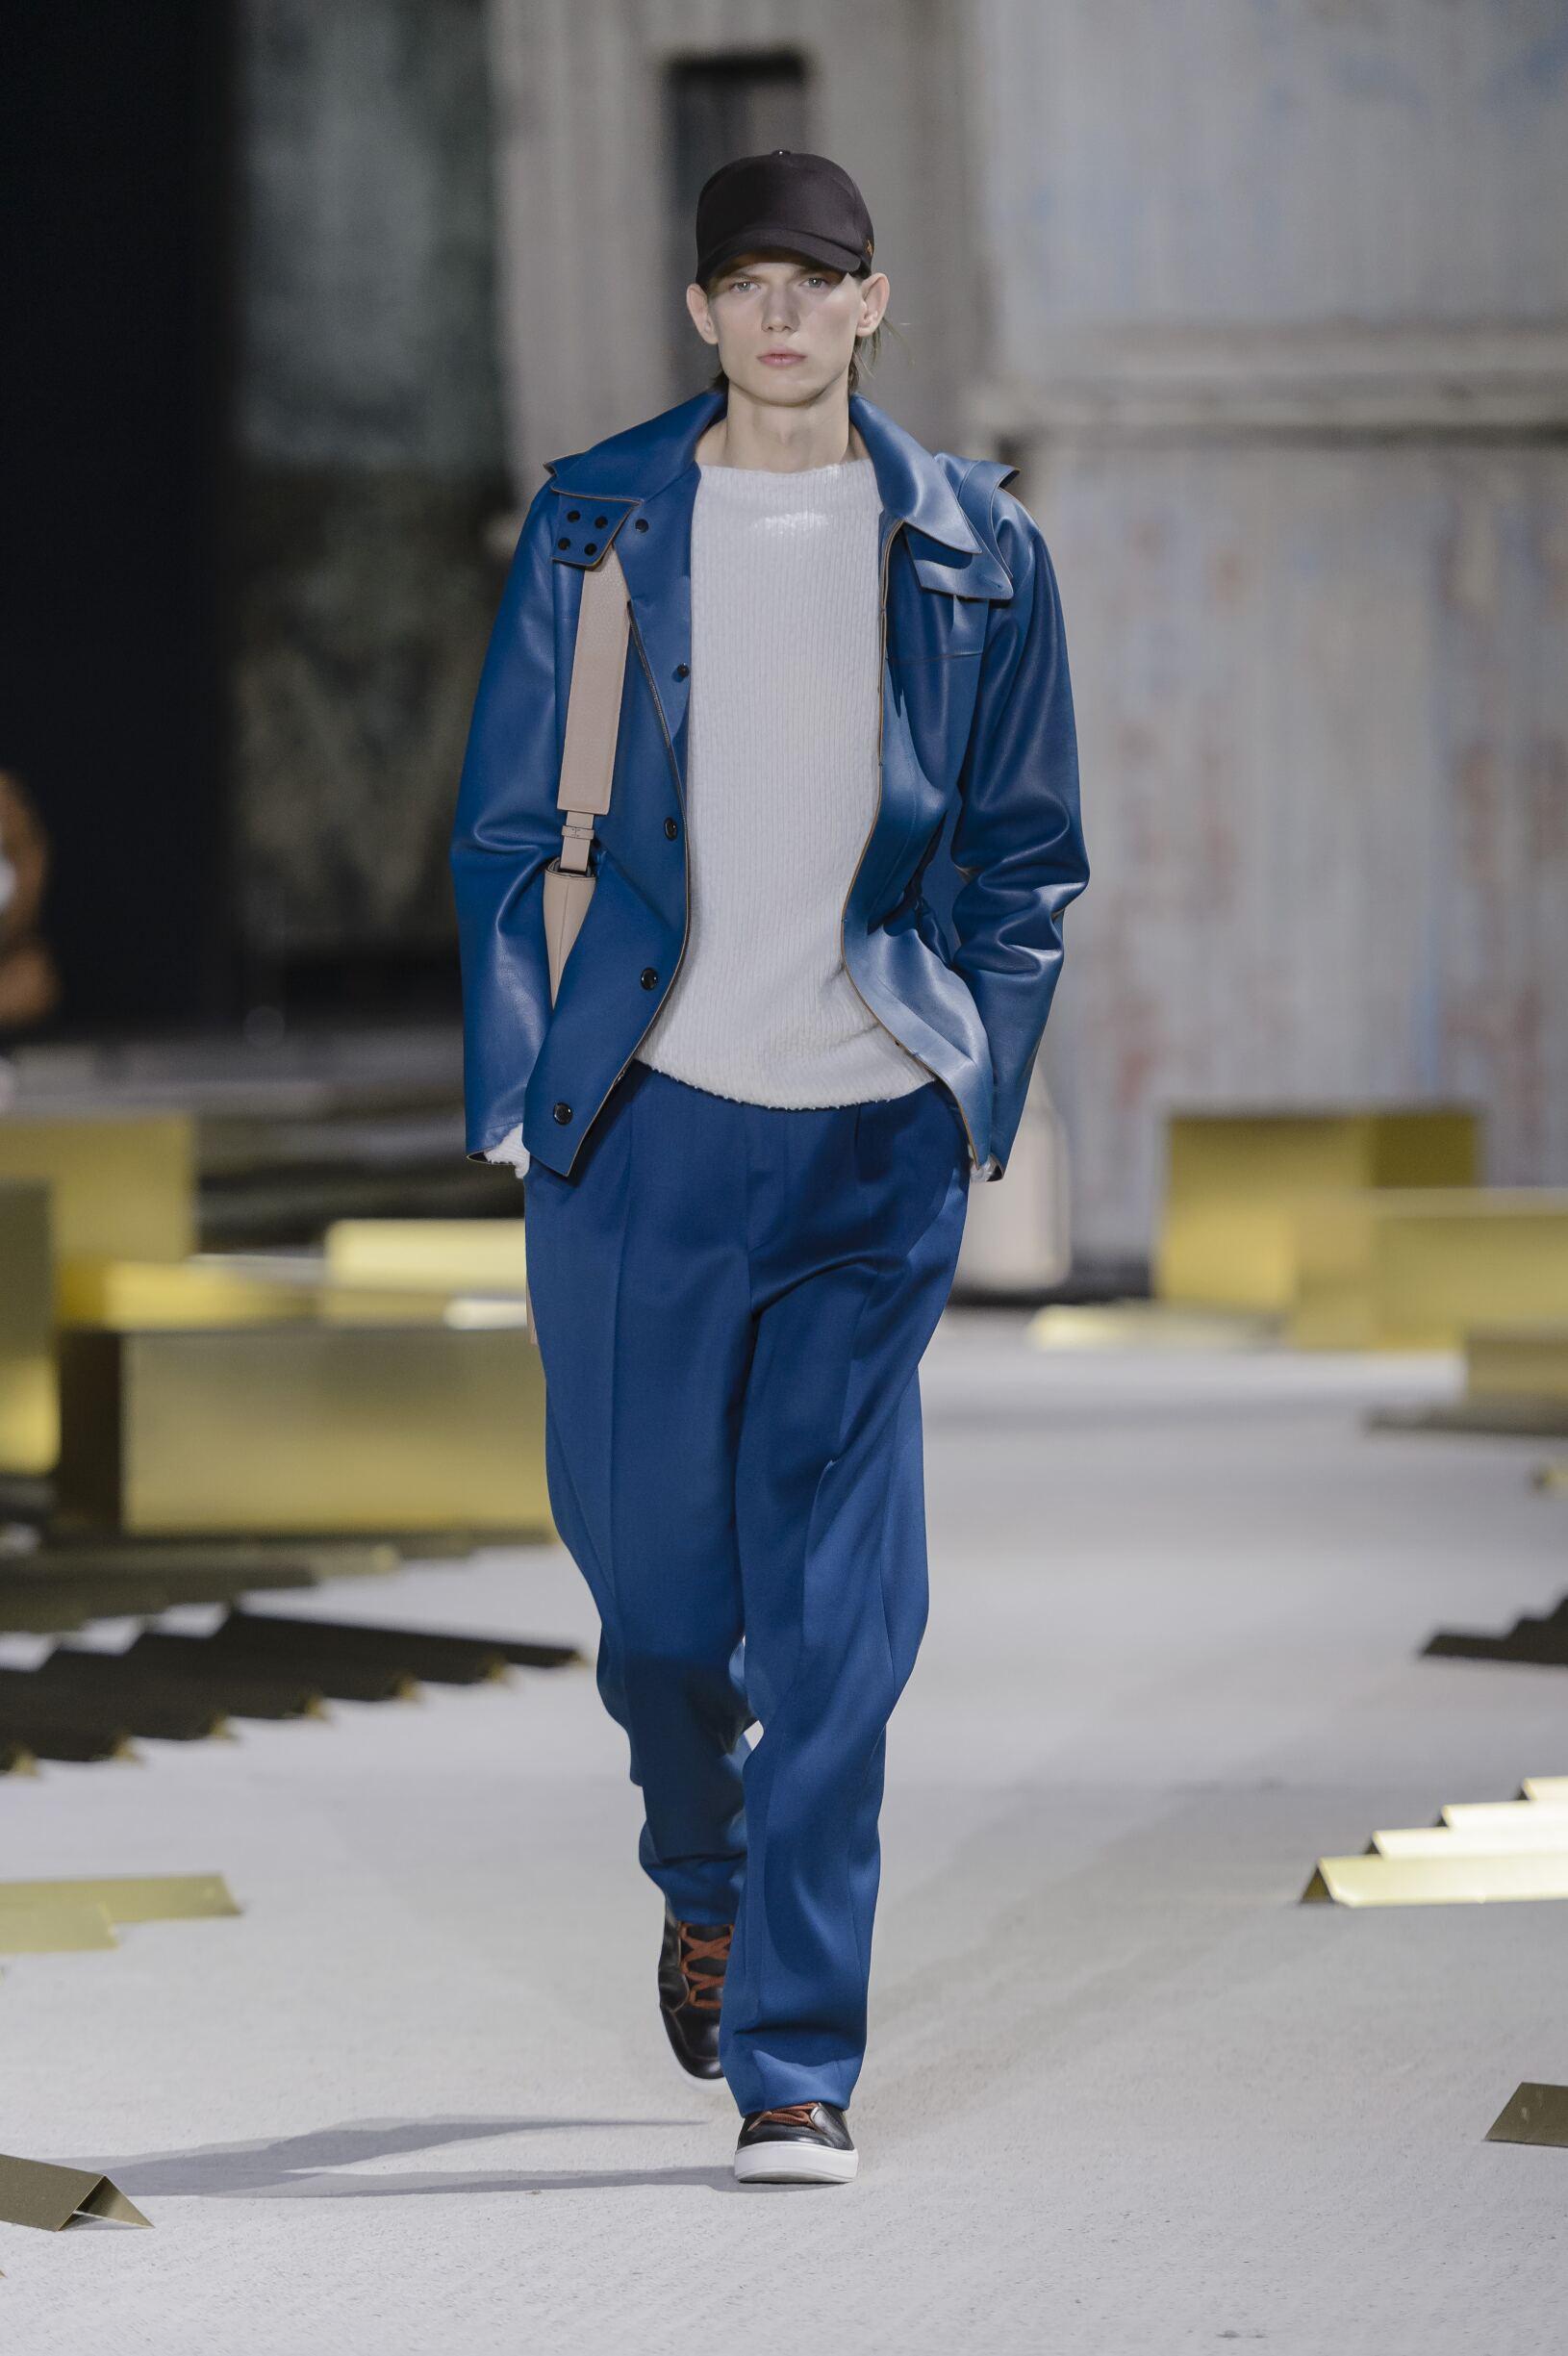 Fashion Model Ermenegildo Zegna Catwalk